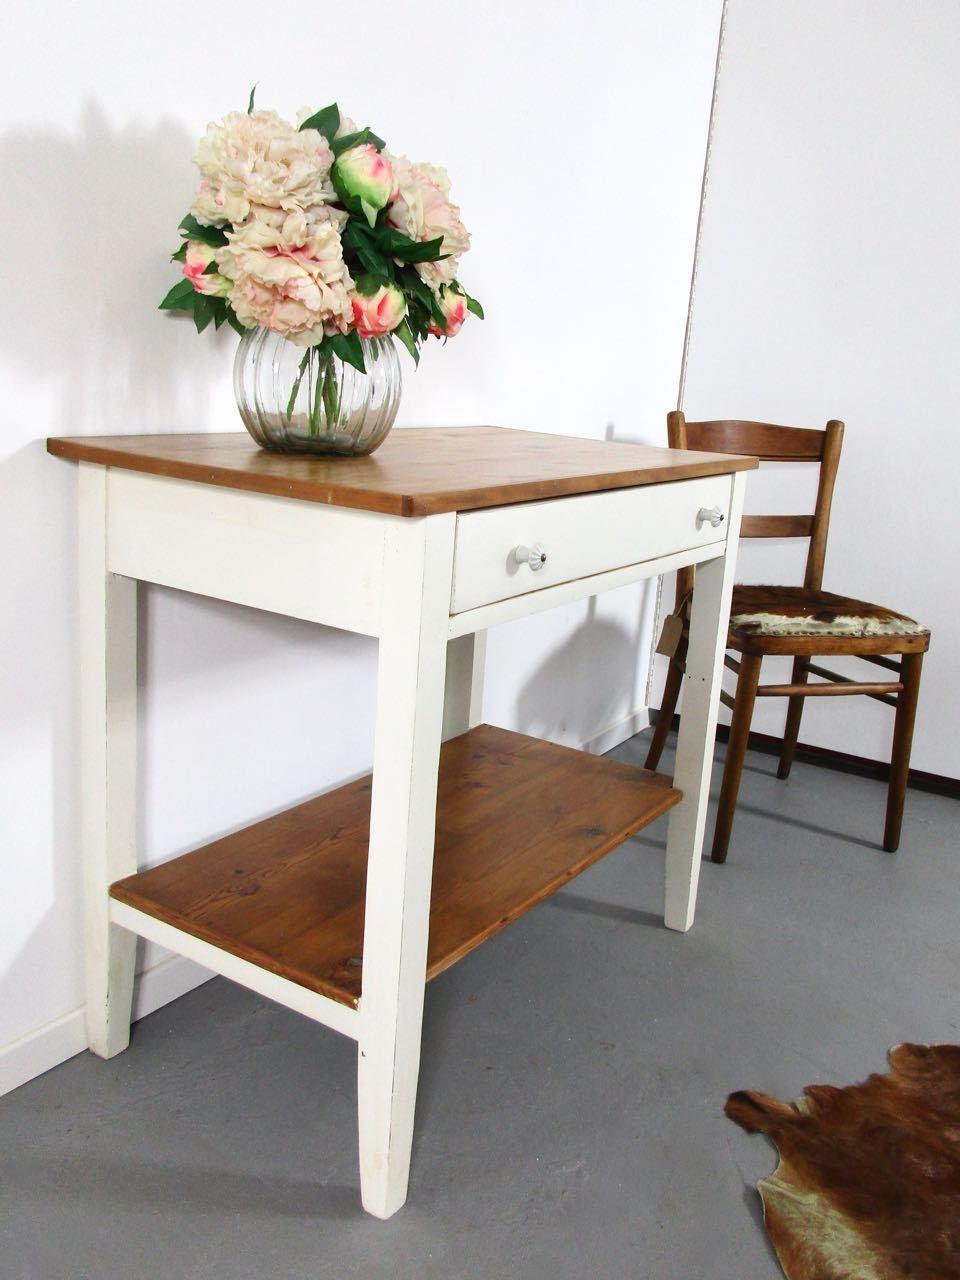 Full Size of Küchenanrichte Sold Kchenanrichte Beistelltisch Shabby Chic Retro Salon Cologne Wohnzimmer Küchenanrichte